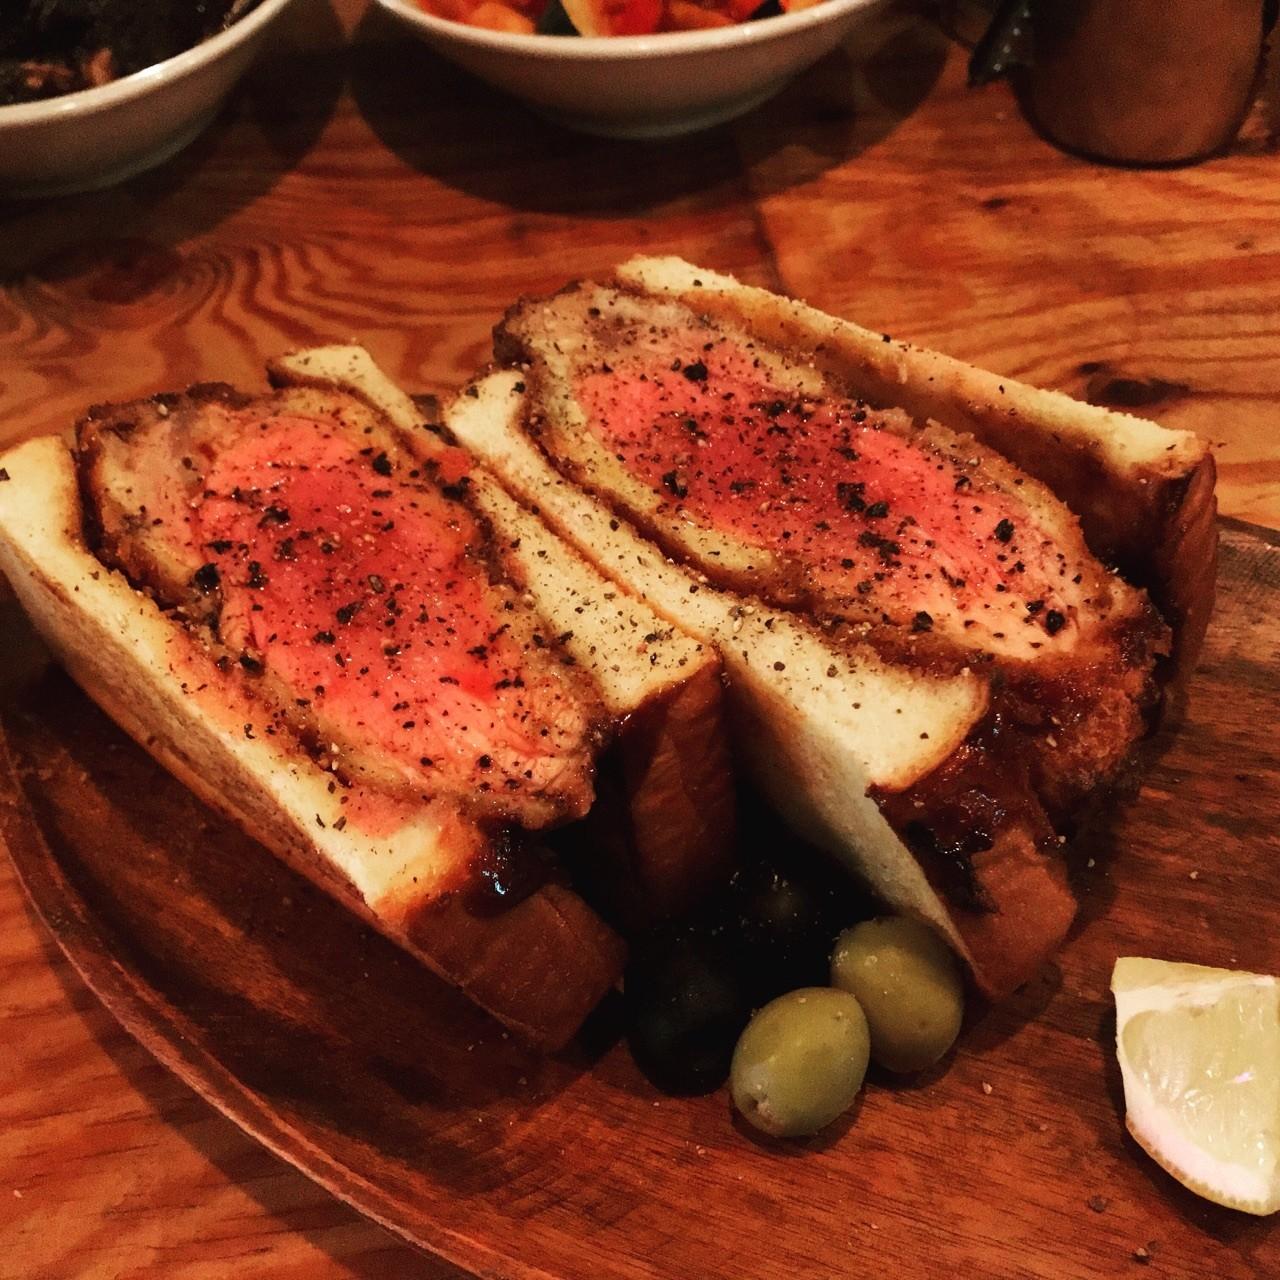 超級巨量級的超厚切豬排三明治